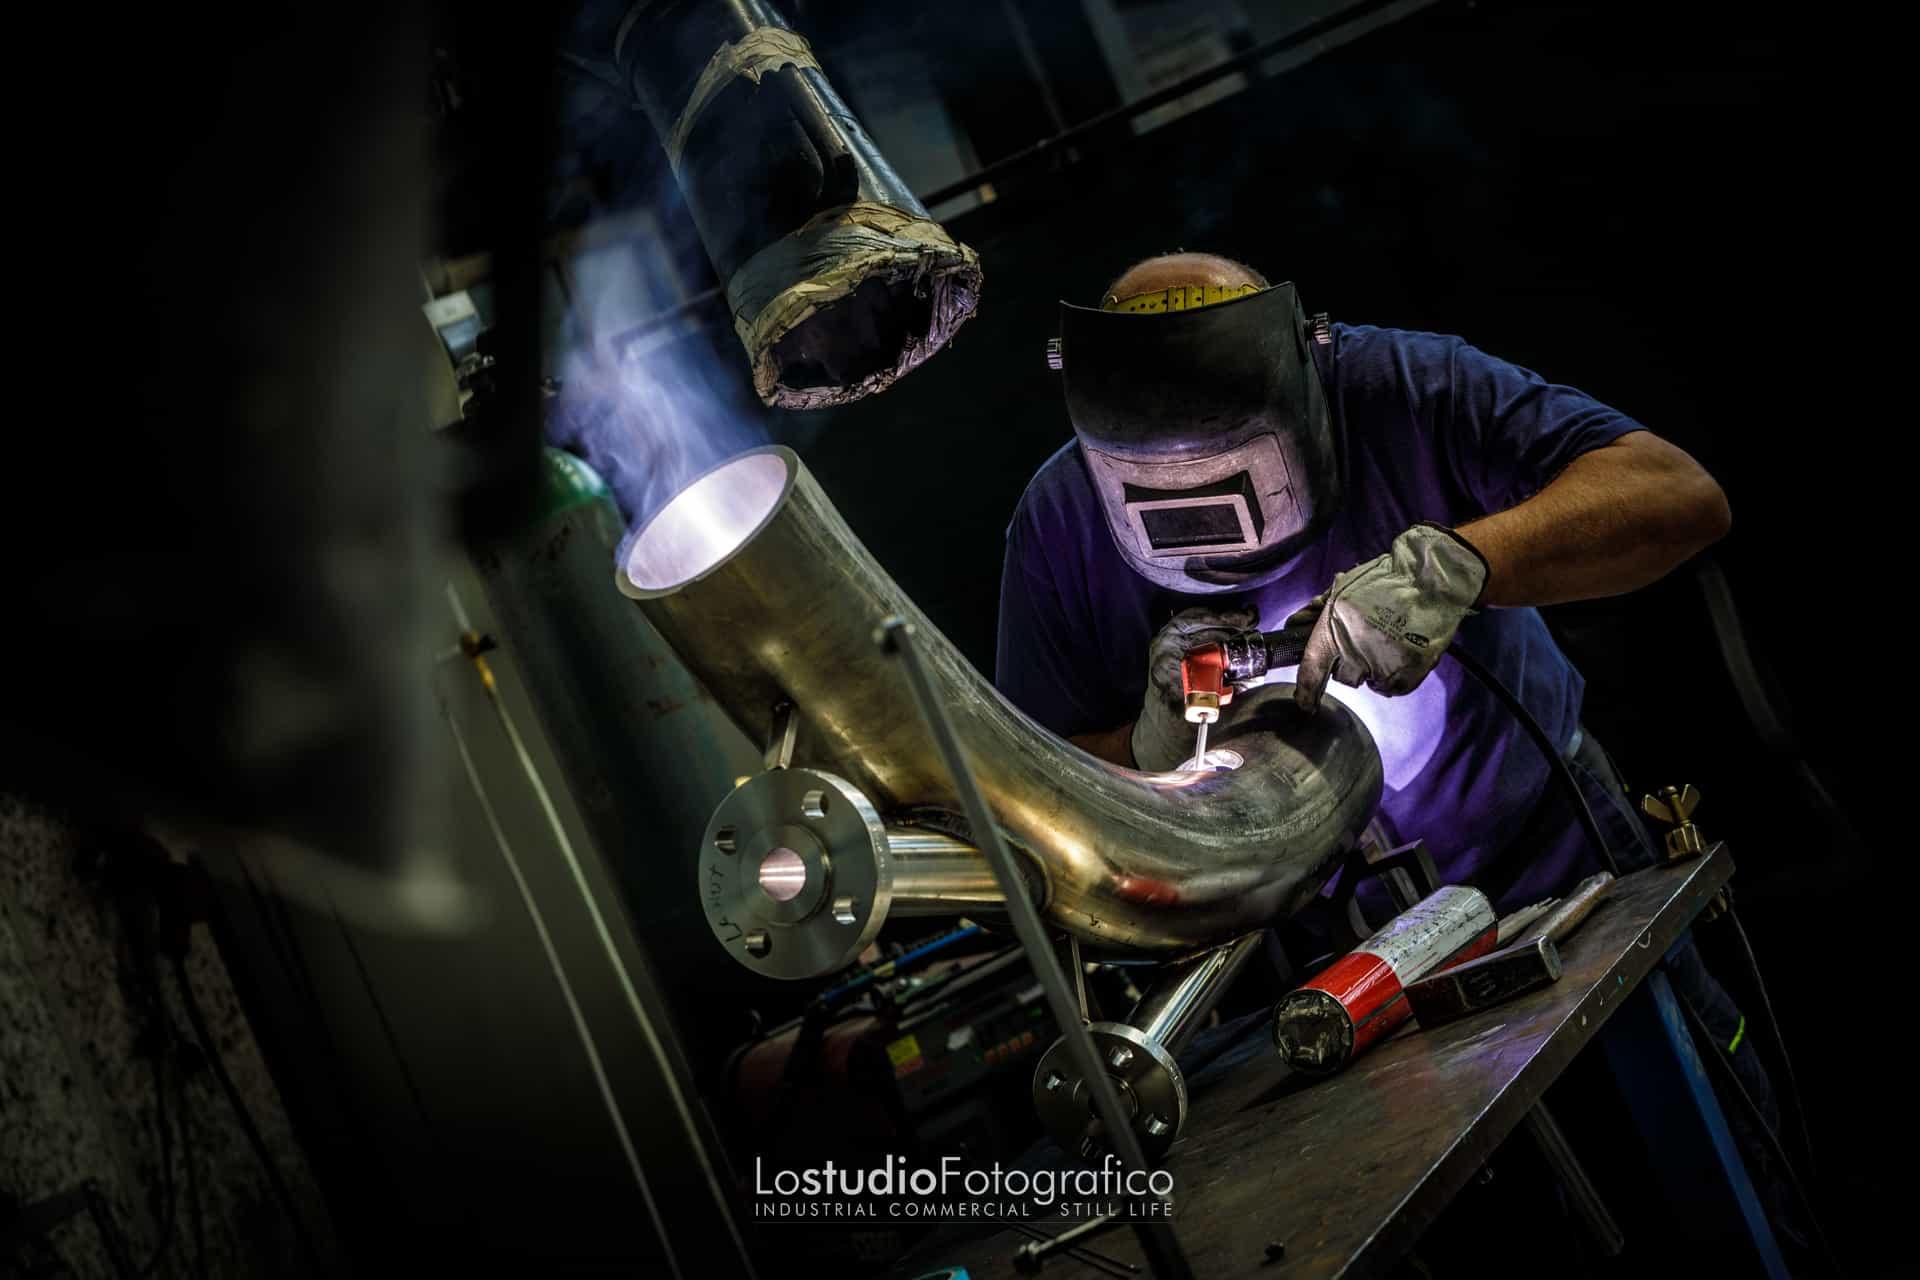 Fotografia industriale Vicenza. Studio fotografico professionale, reportage industriale, servizi fotografici per aziende in Veneto.